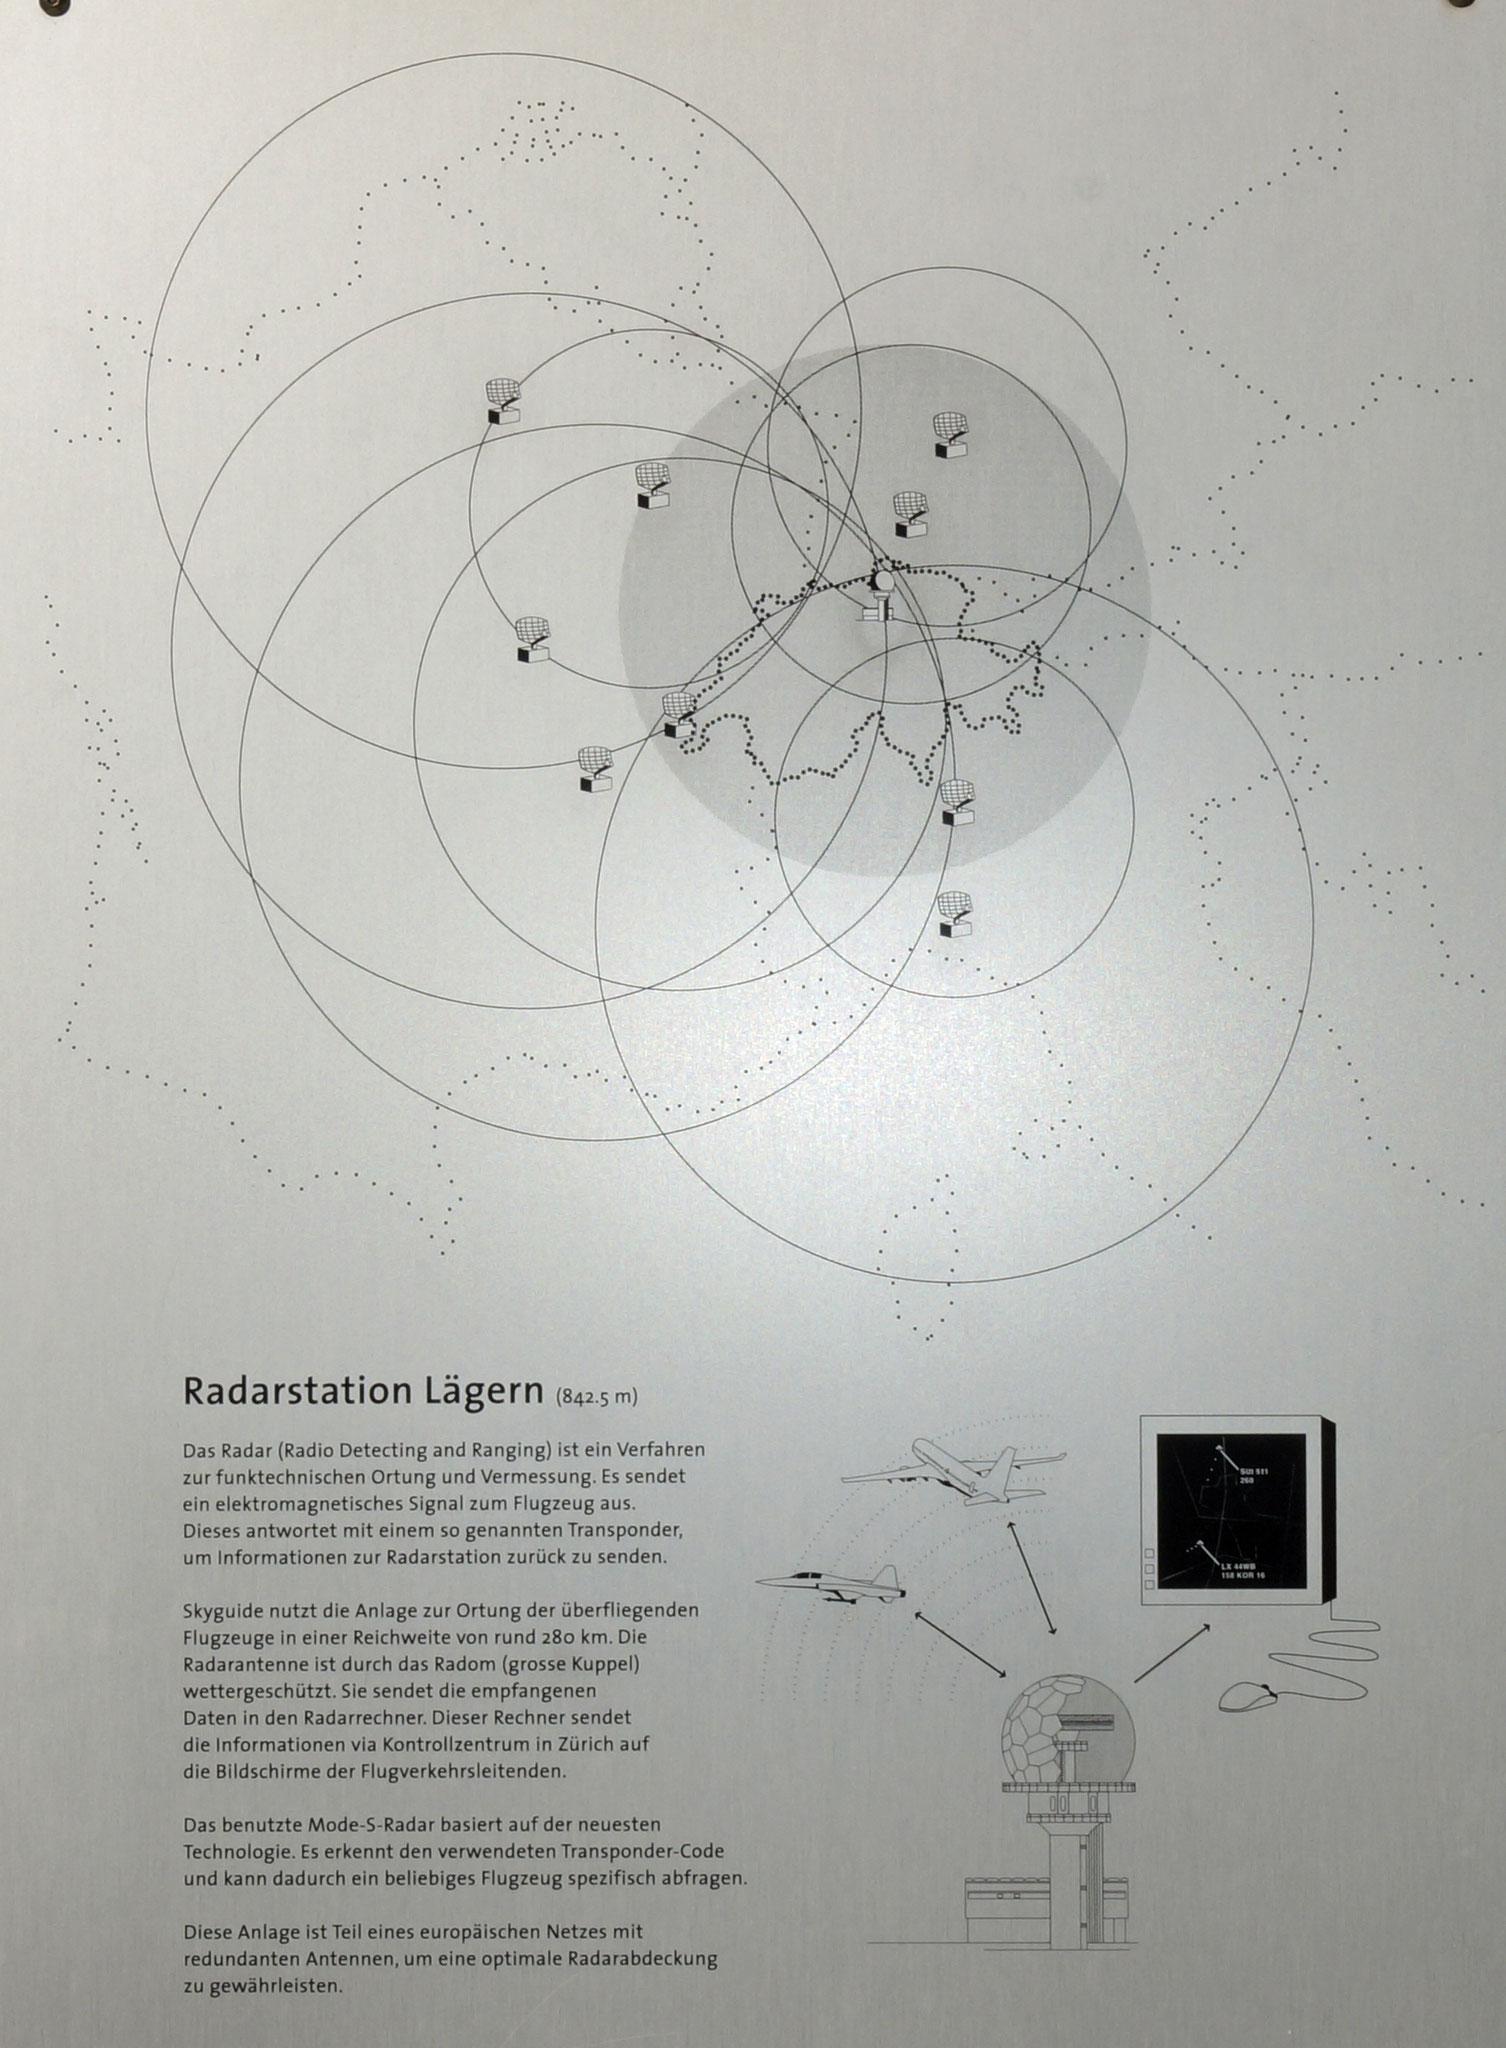 Wie funktioniert ein Radar?